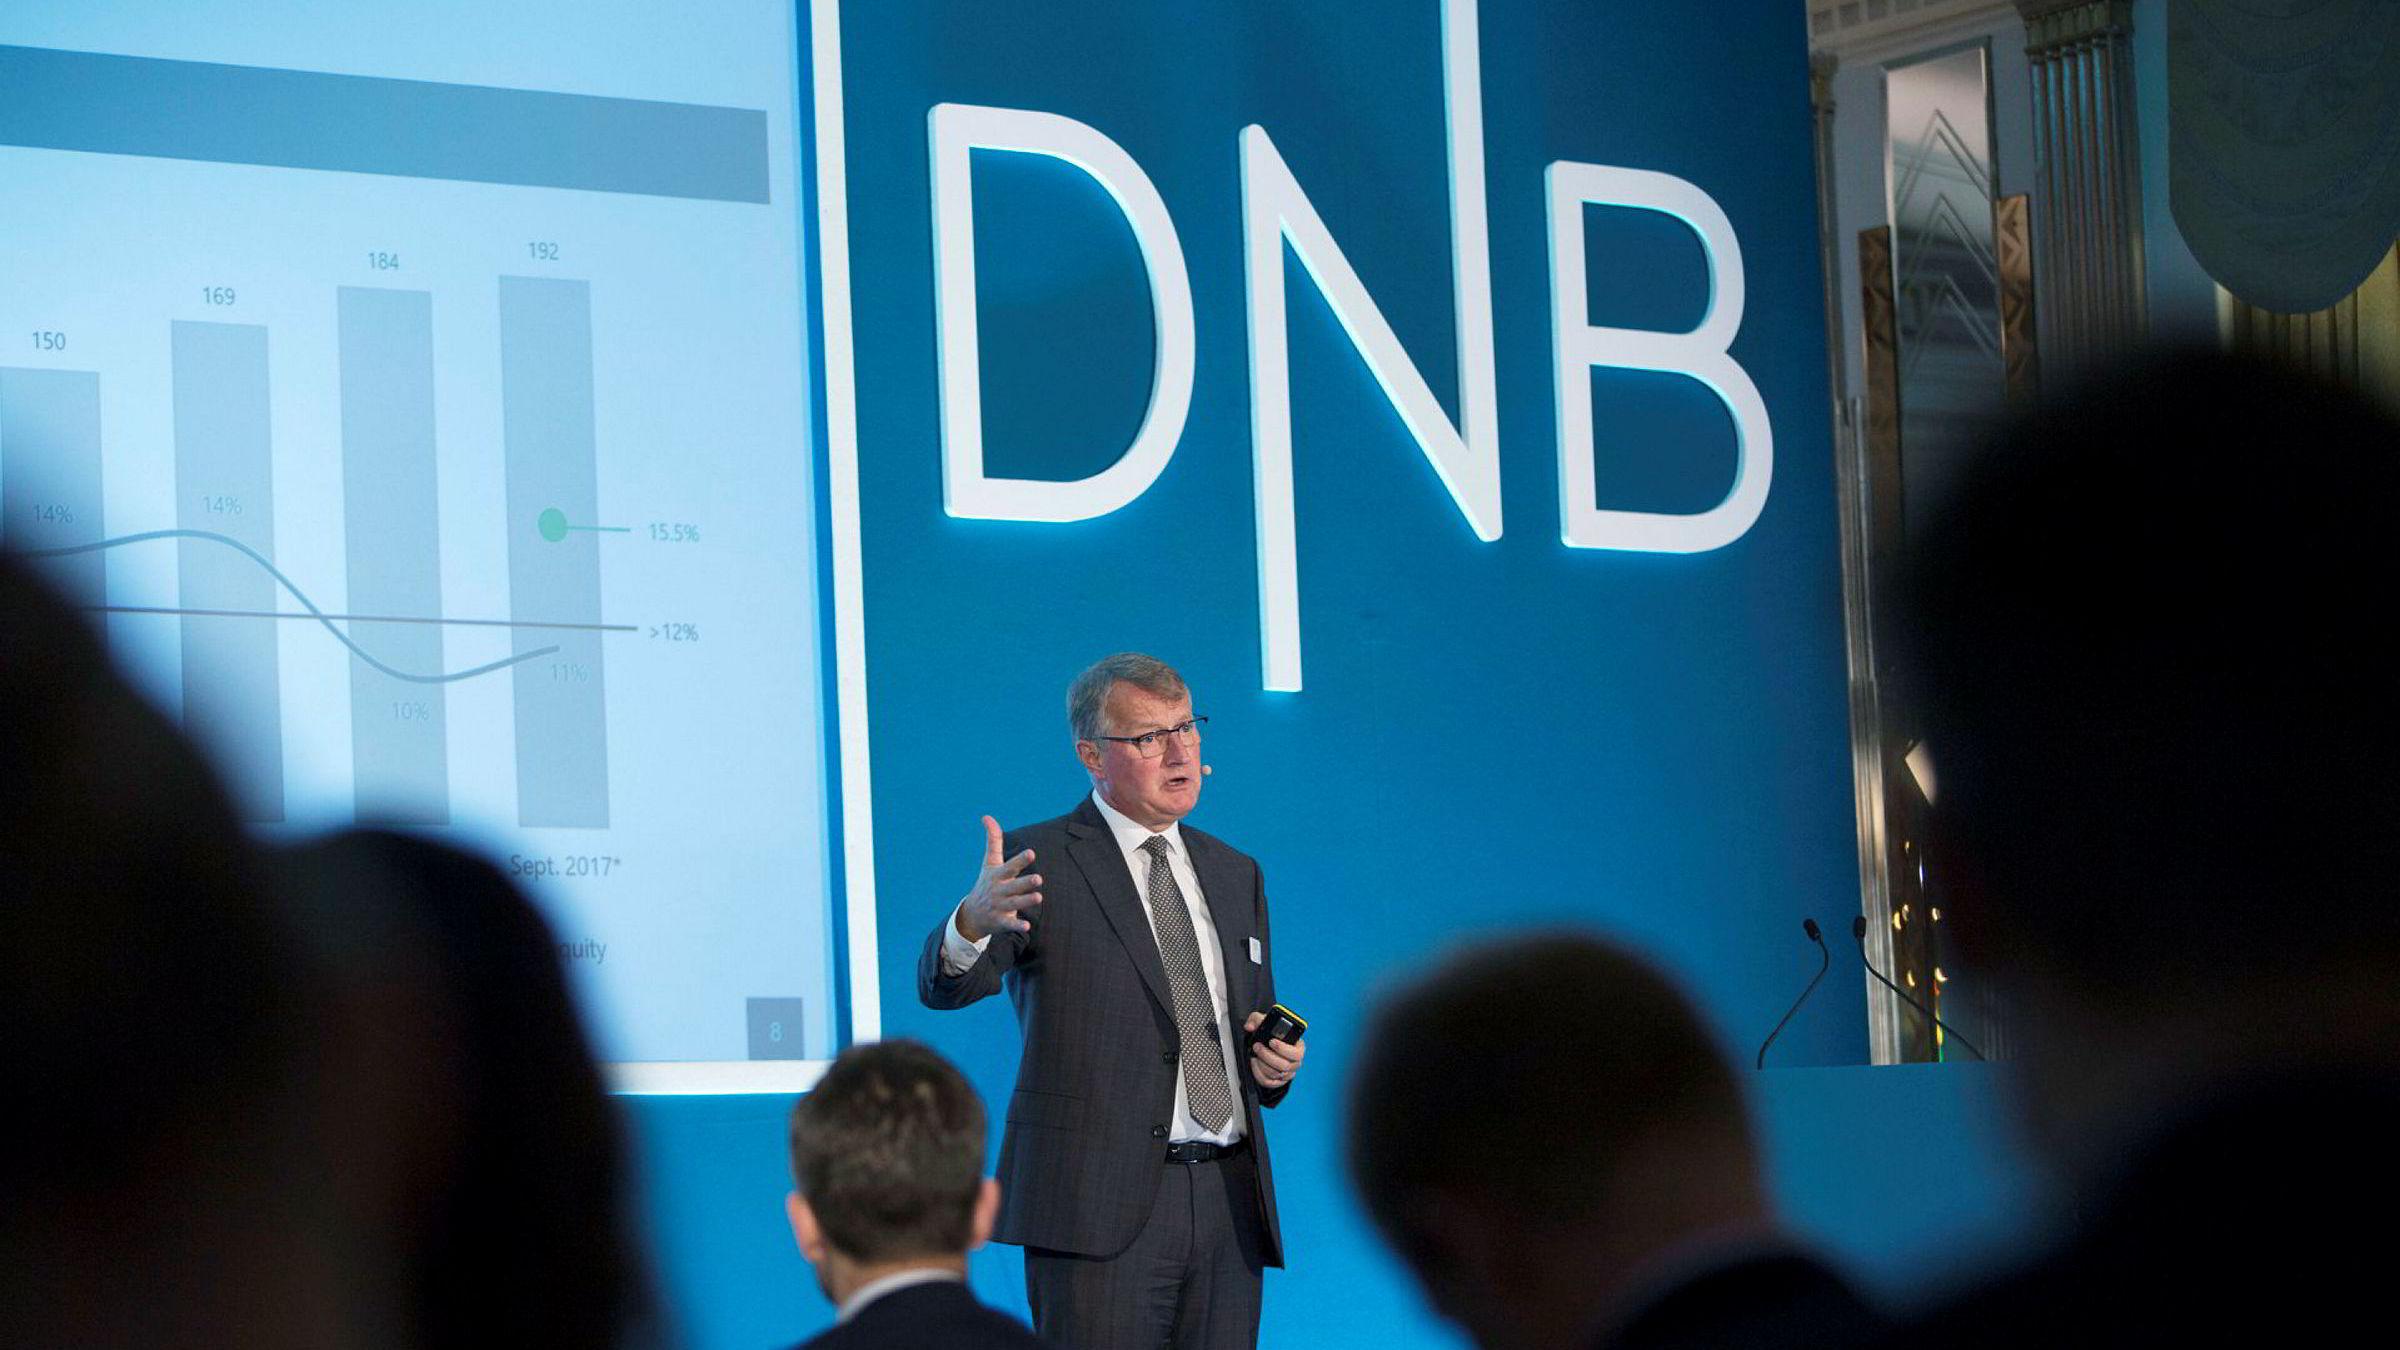 Rune Bjerke leder Norges største bank, med et overskudd på over 20 milliarder kroner i år. Likevel får DNB ti millioner kroner i skatterabatt for å ha utviklet en ny digital lånetjeneste. Her under en tale i London.